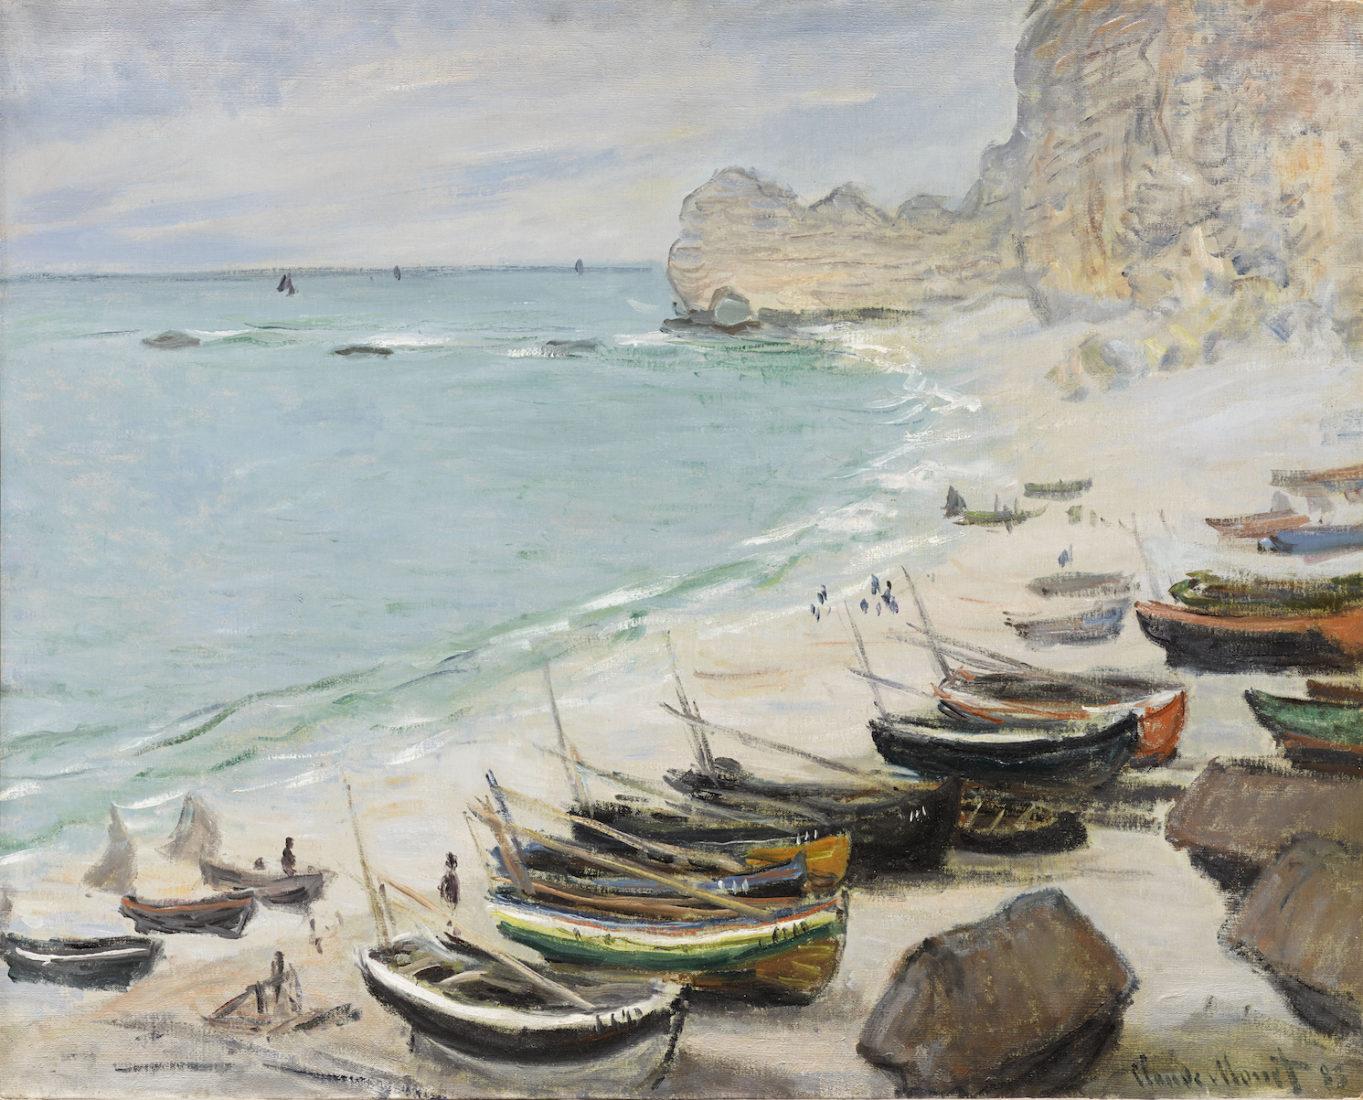 Claude Monet (1840-1926) Bateaux sur la plage à Etretat, 1883